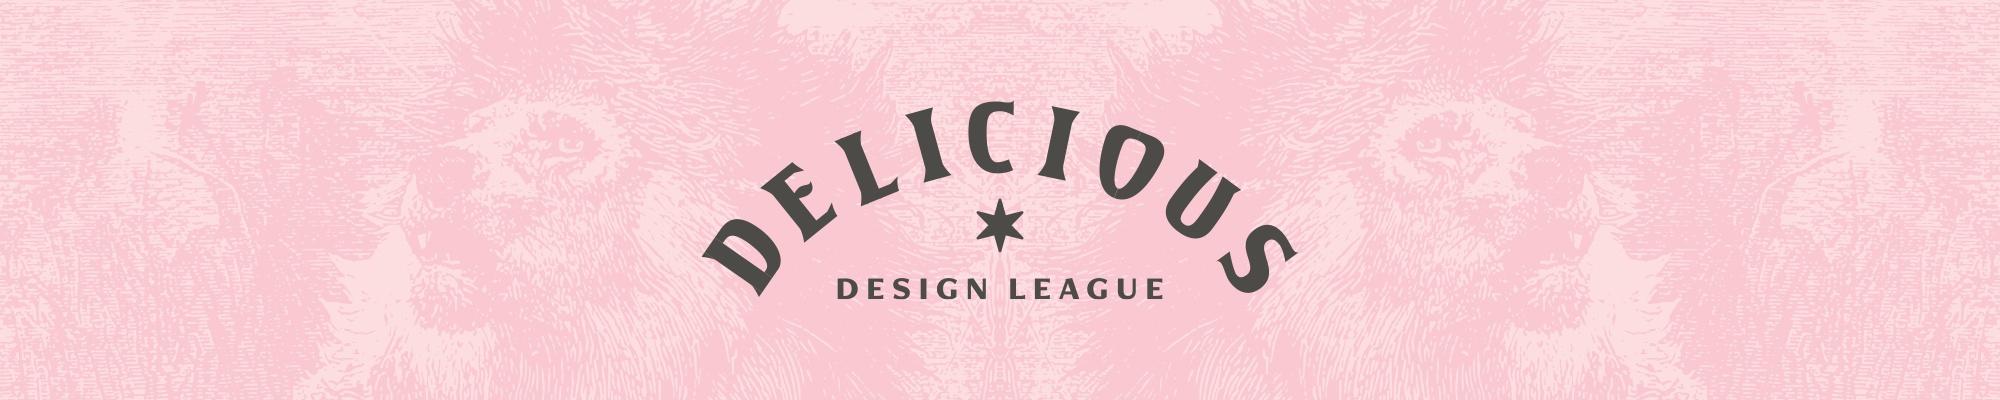 deliciousdesignleague Cover